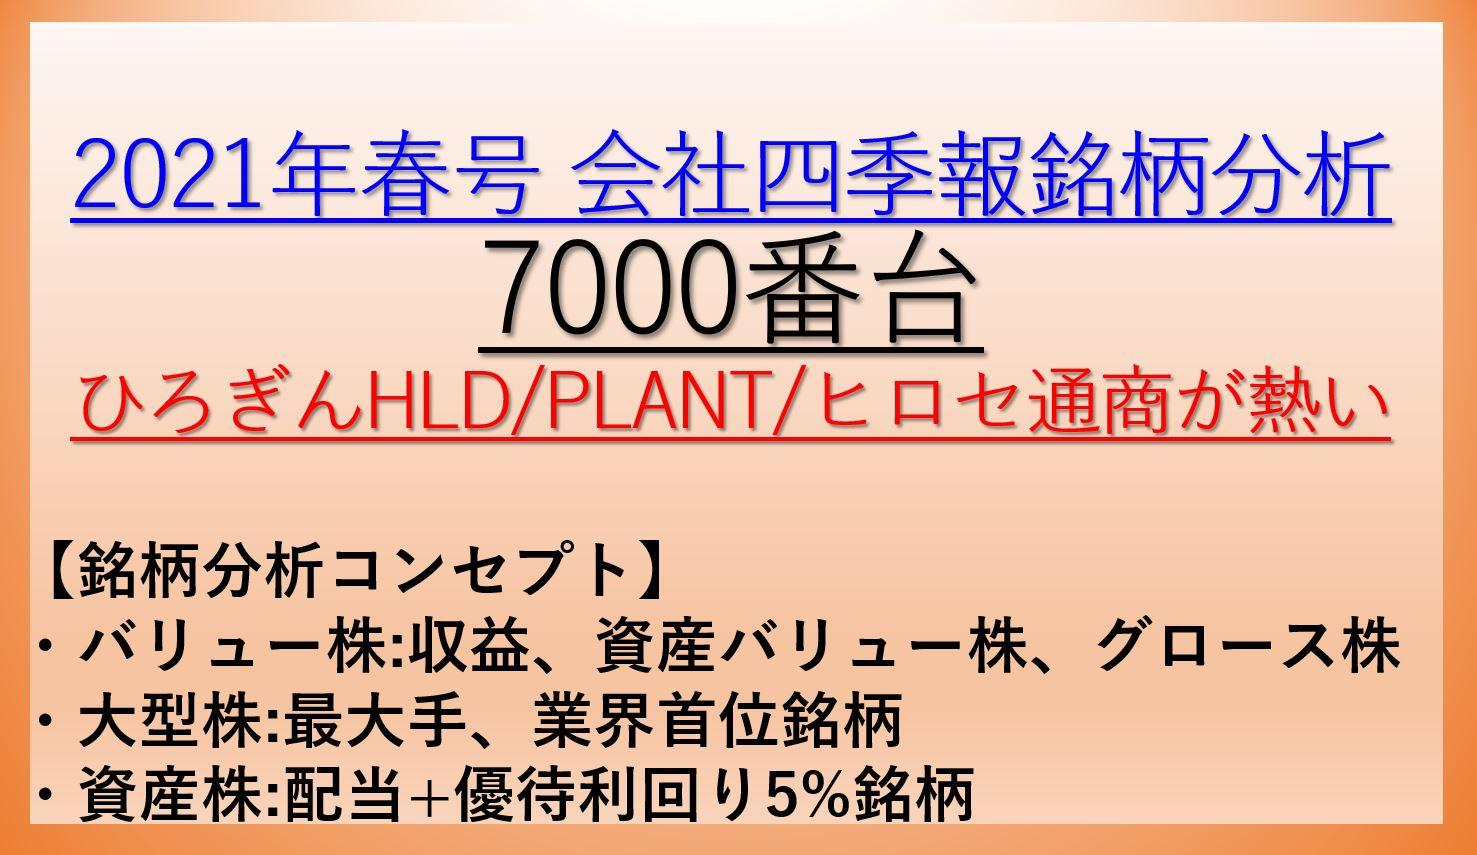 2021年春号-会社四季報銘柄分析-7000番台